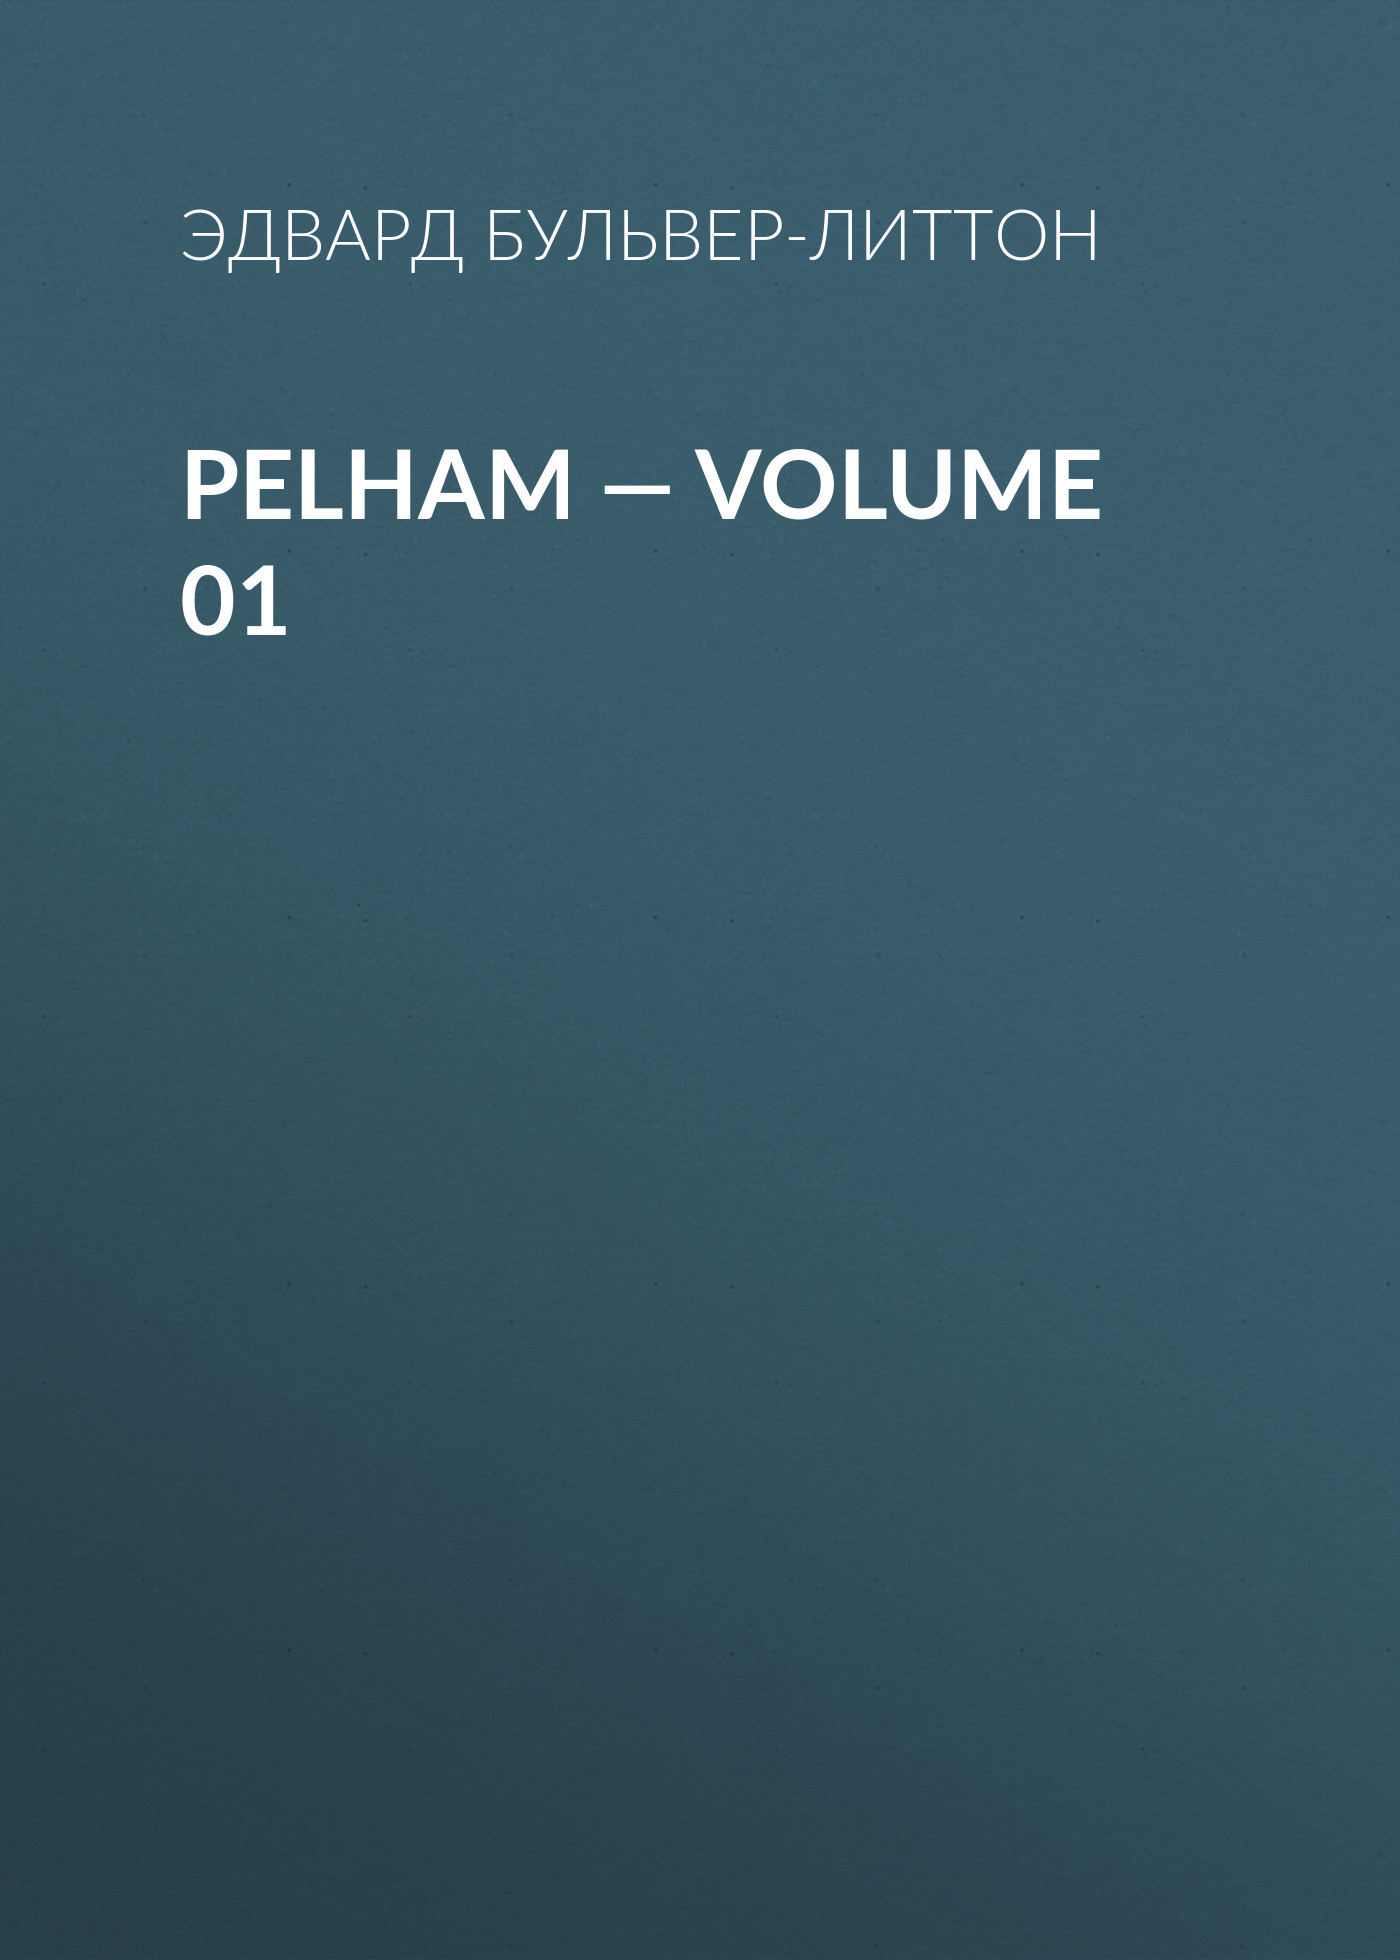 Pelham — Volume 01